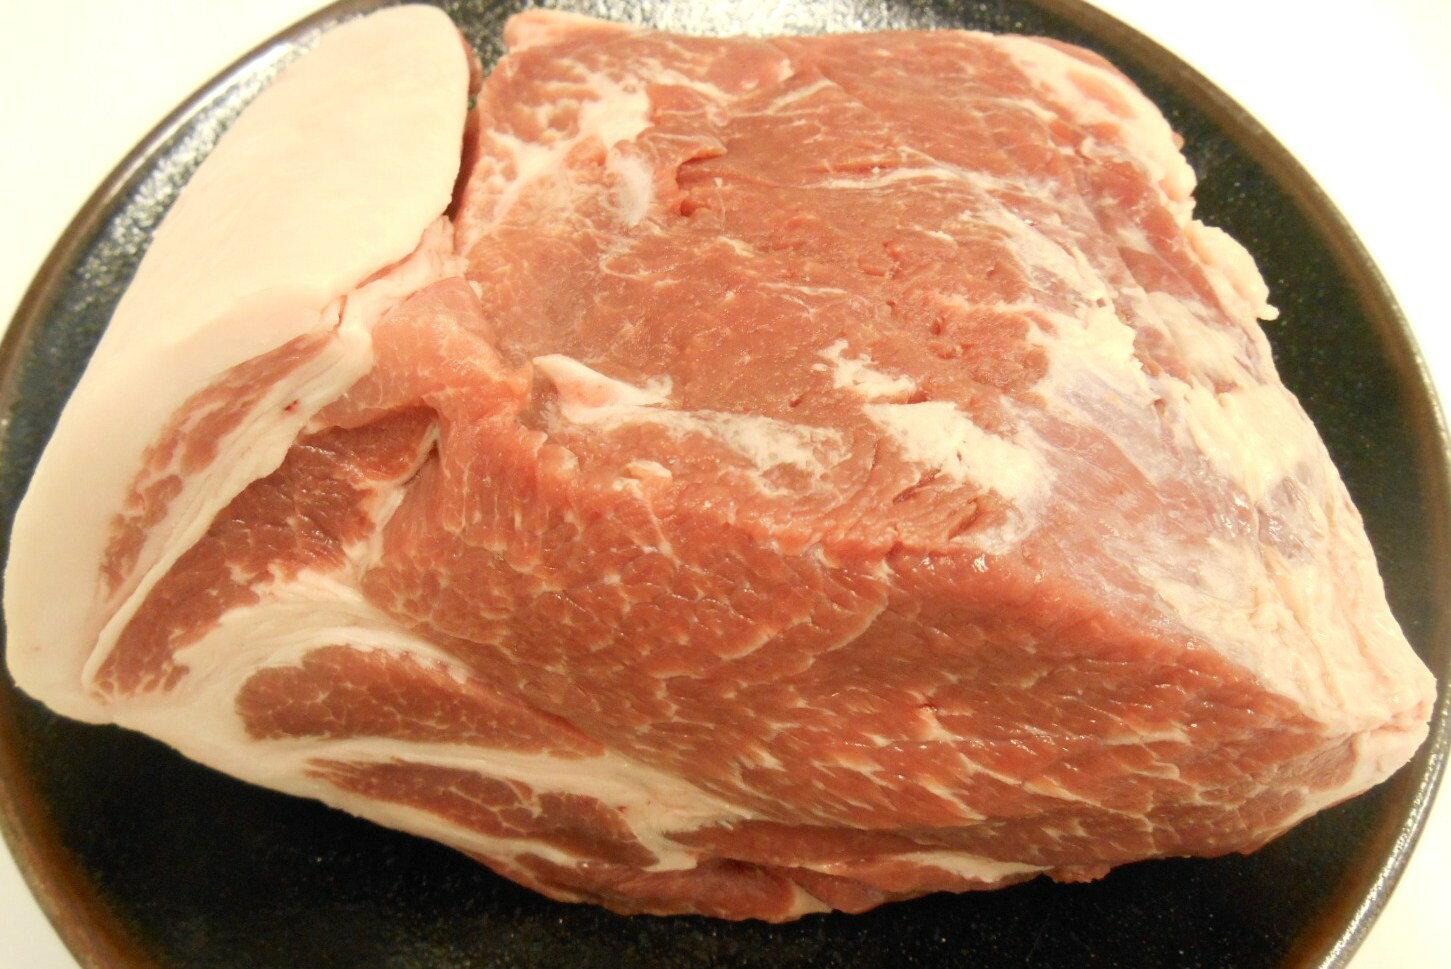 【豚肉】【国産豚】【塊】岩手県産豚肩ロースブロック1.0kg